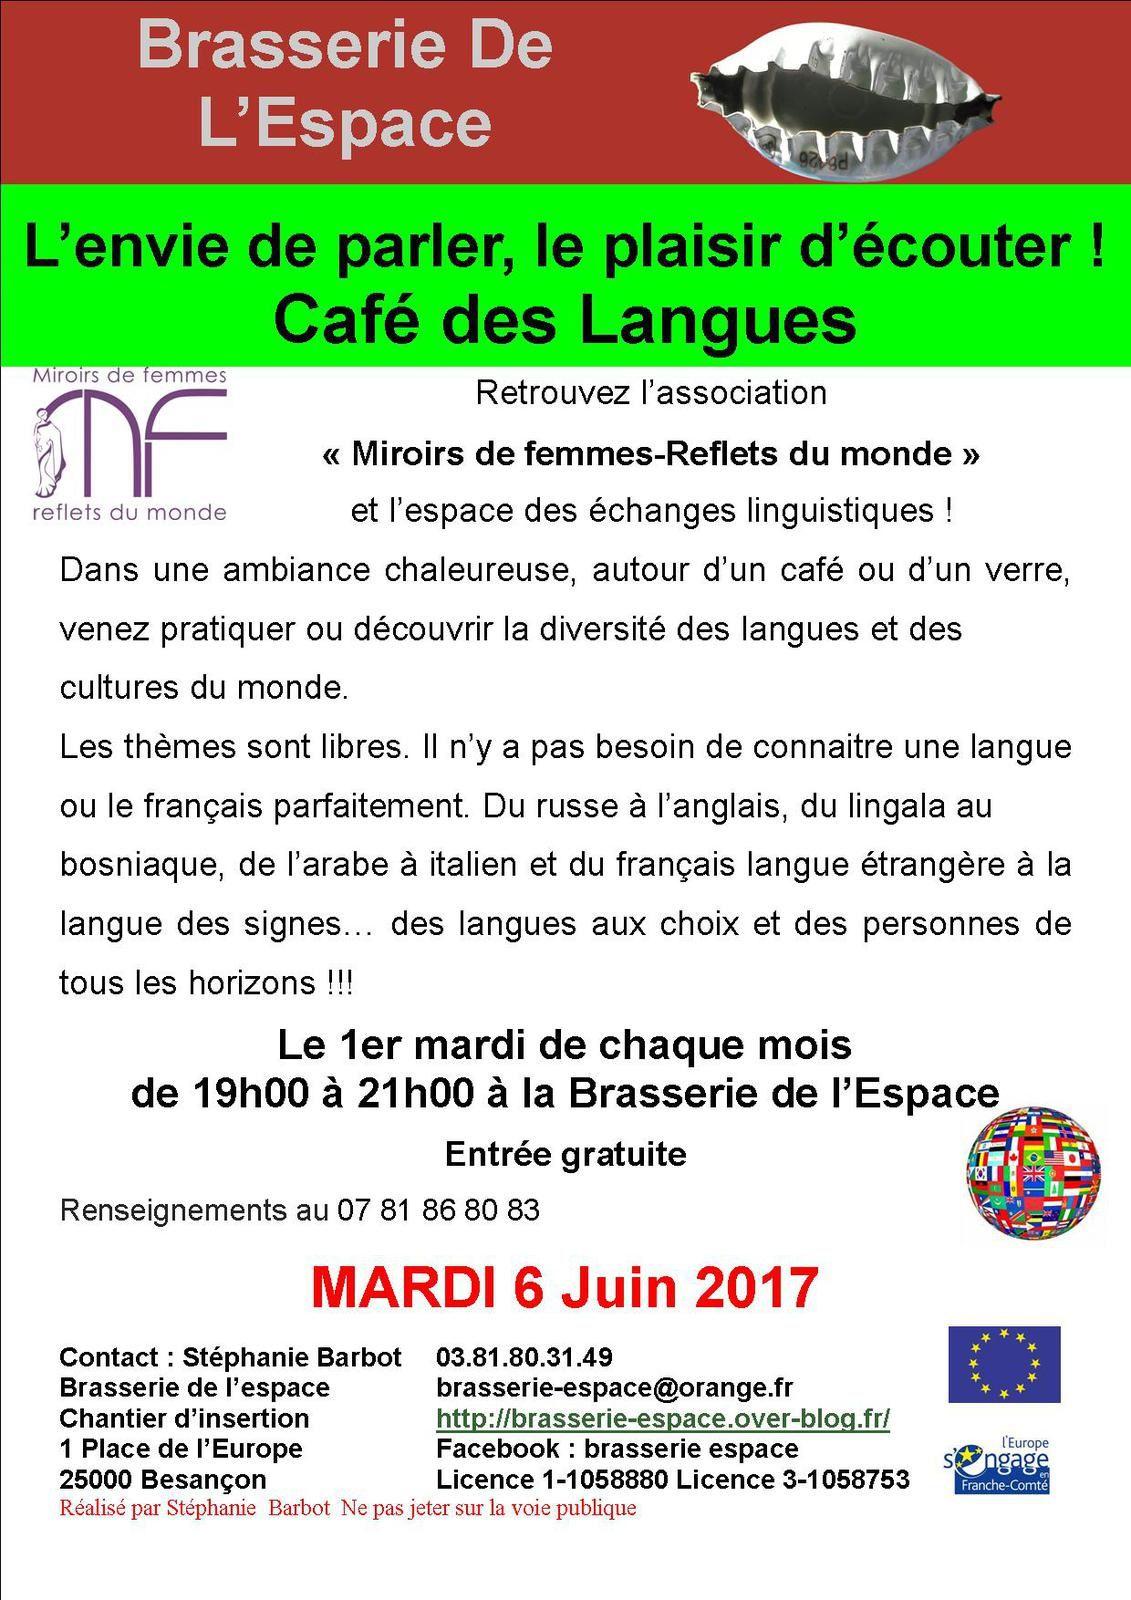 Café des langues de 19h00 à 21h00 mardi 6 juin 2017